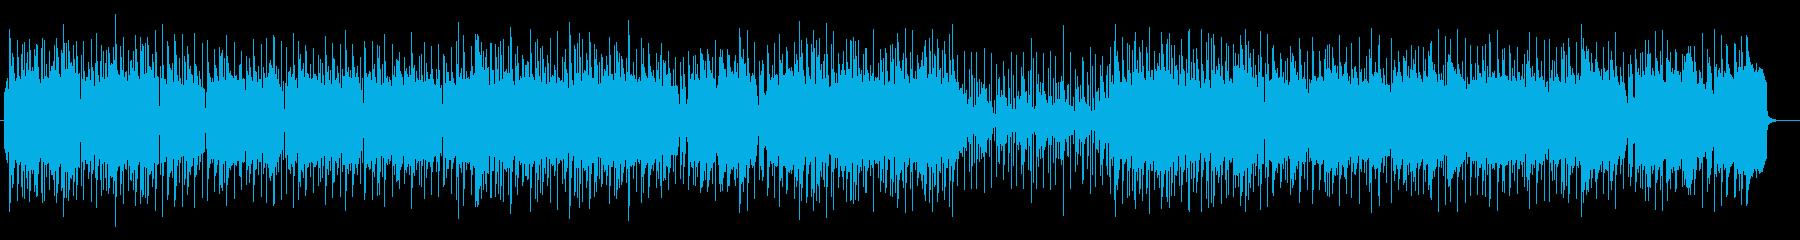 キラキラしたシンセが特徴のポップスの再生済みの波形